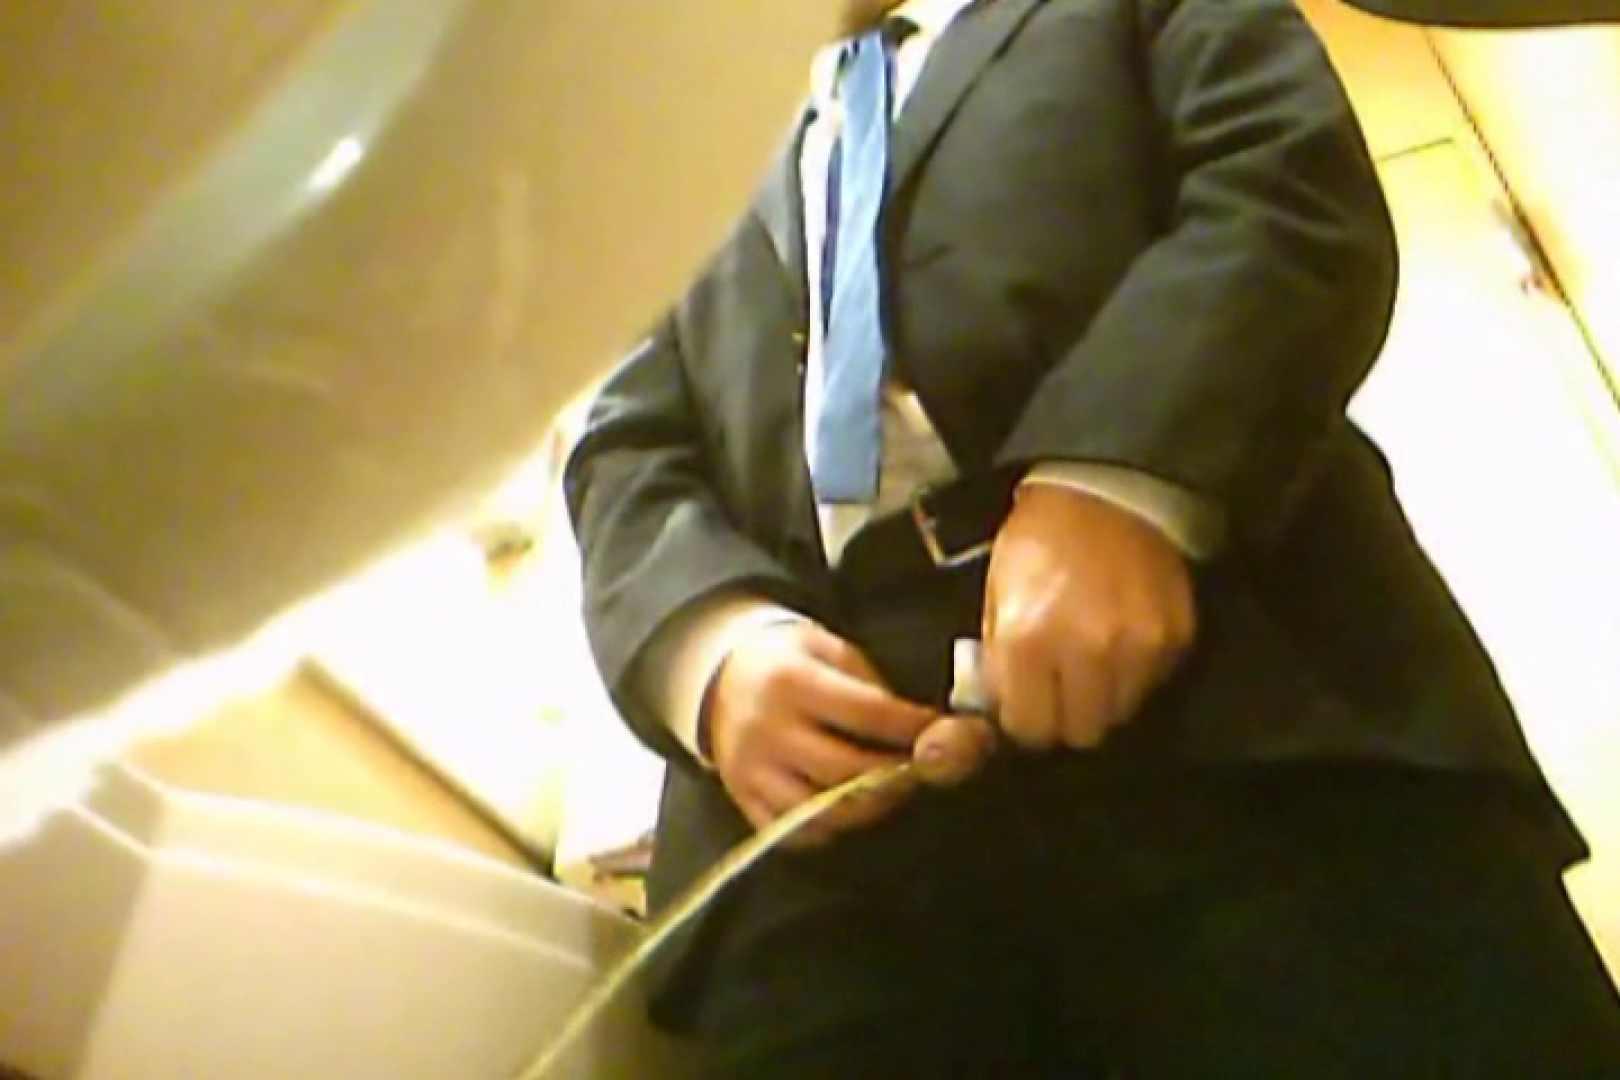 SEASON 3rd!掴み取りさんの洗面所覗き!in新幹線!VOL.12 のぞき | ボーイズ私服  86pic 2